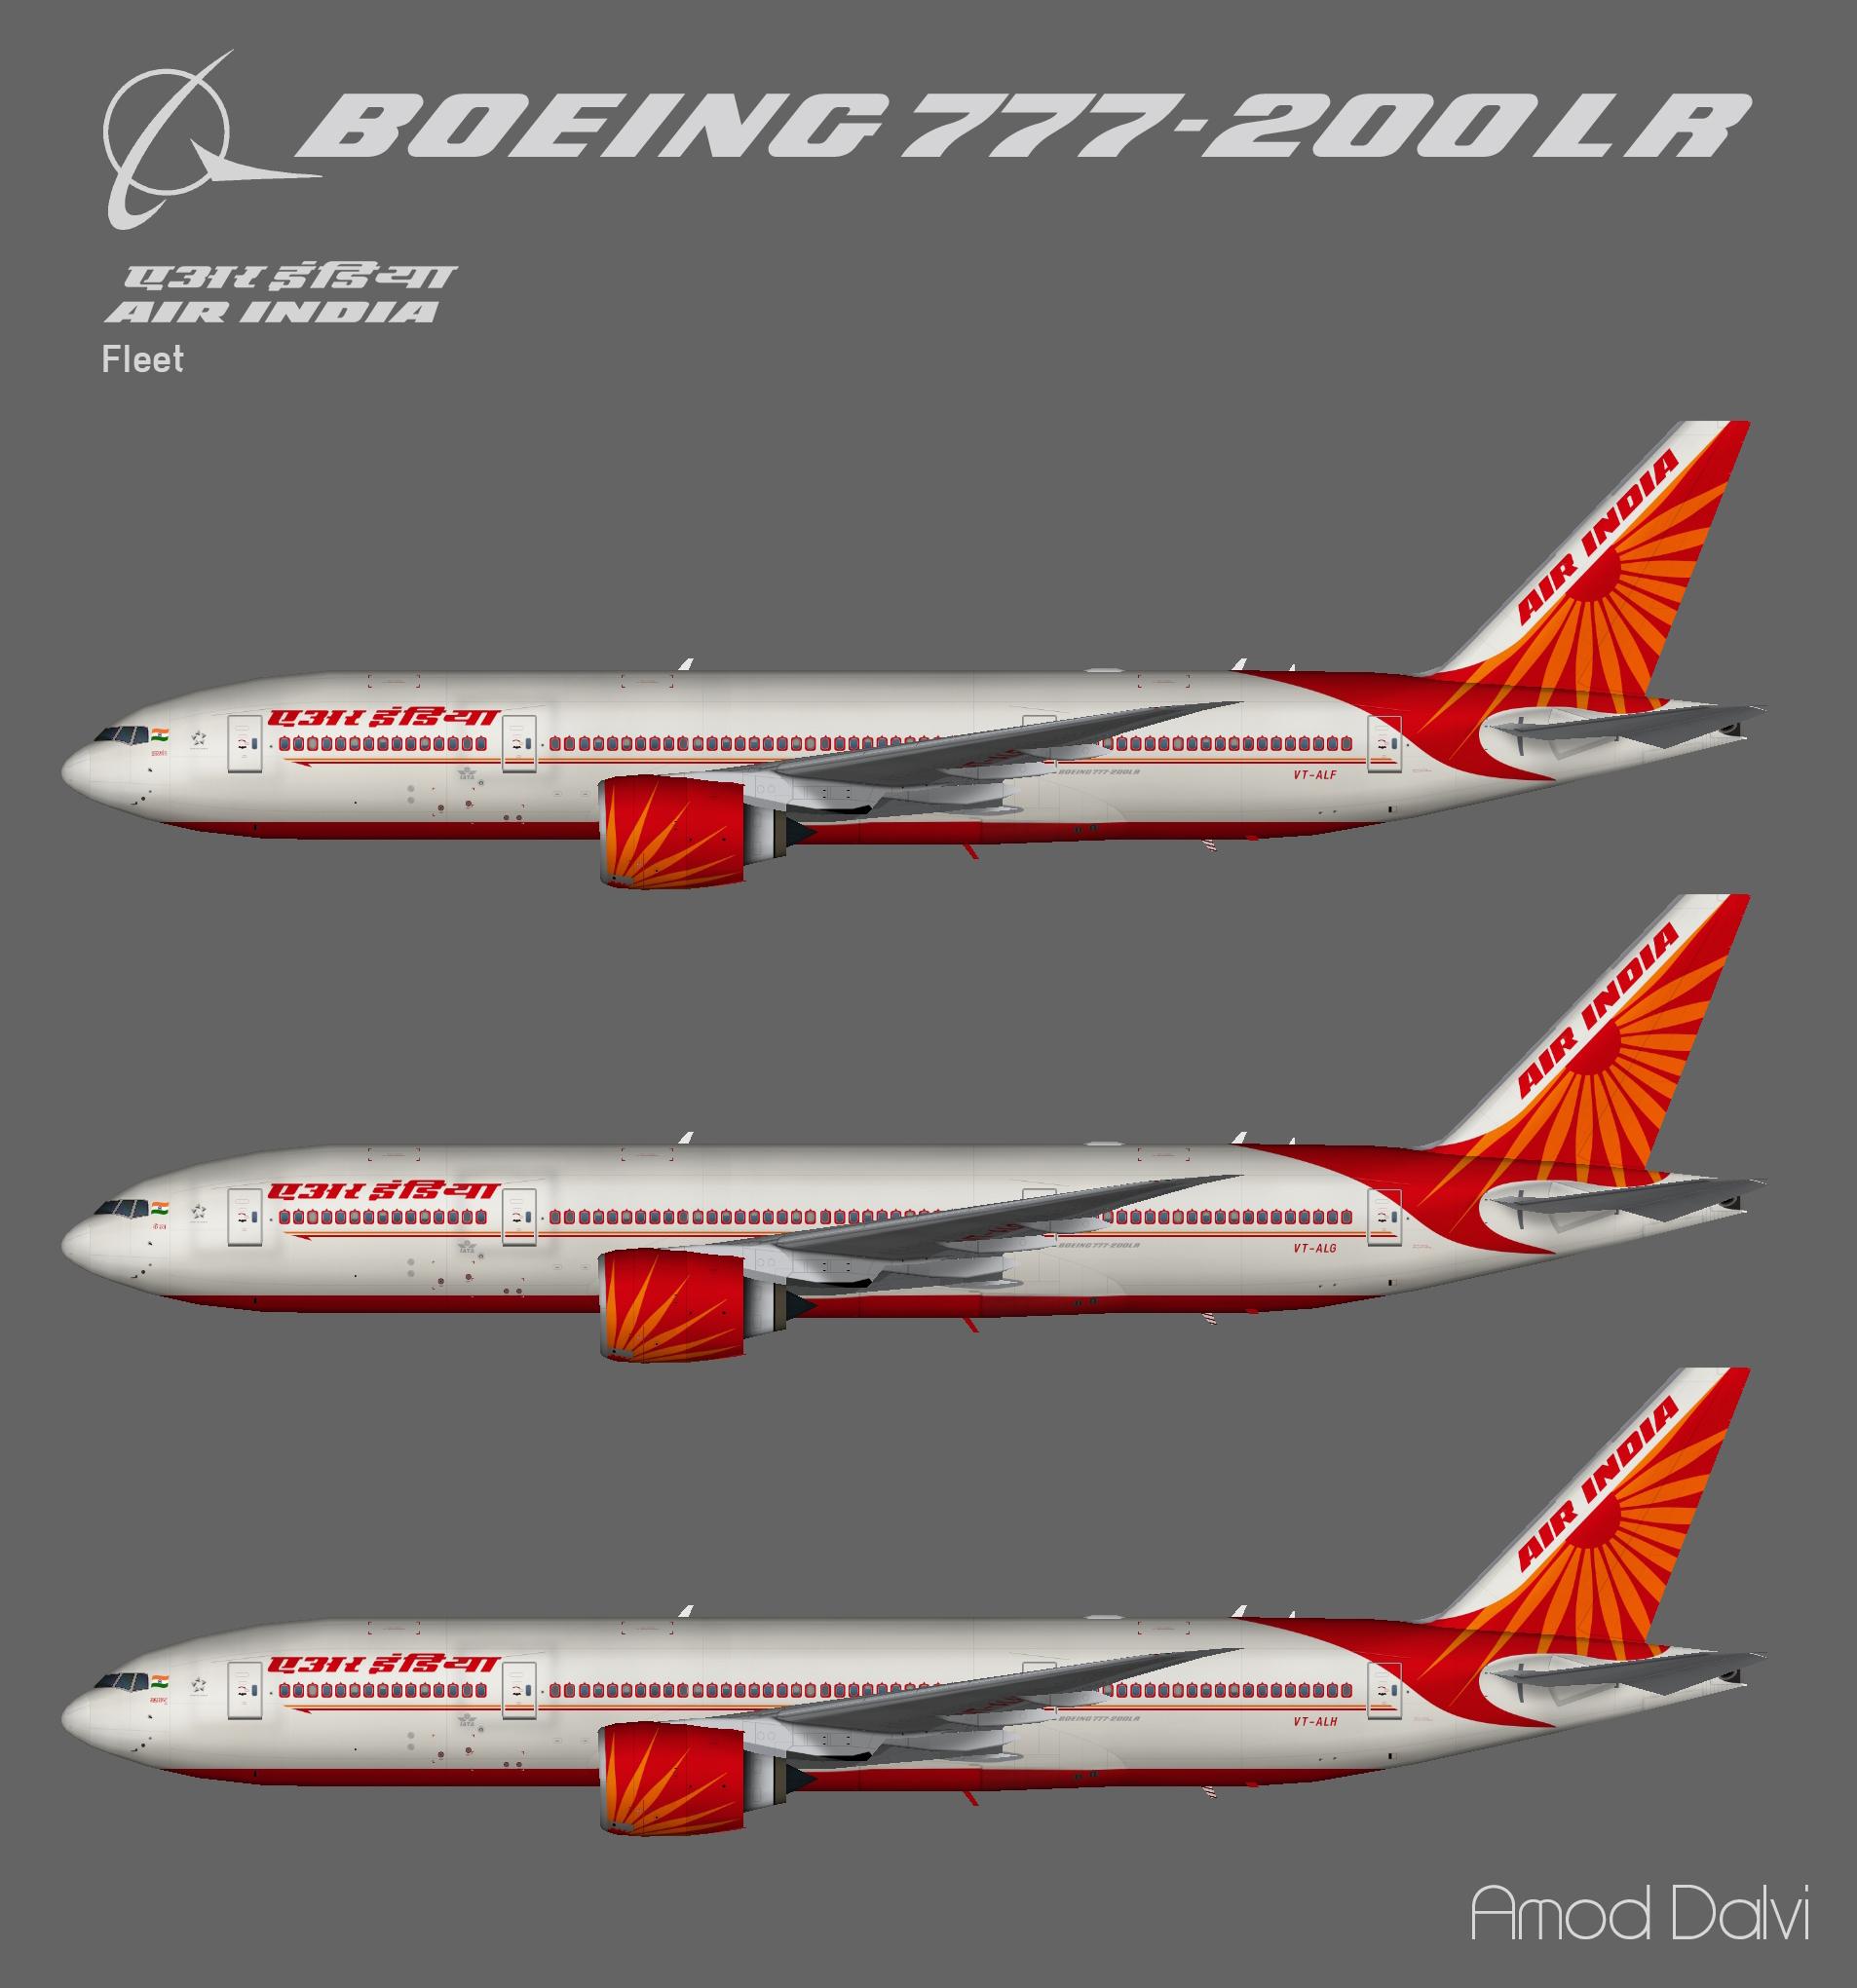 Teaser_Air India_777-200LR